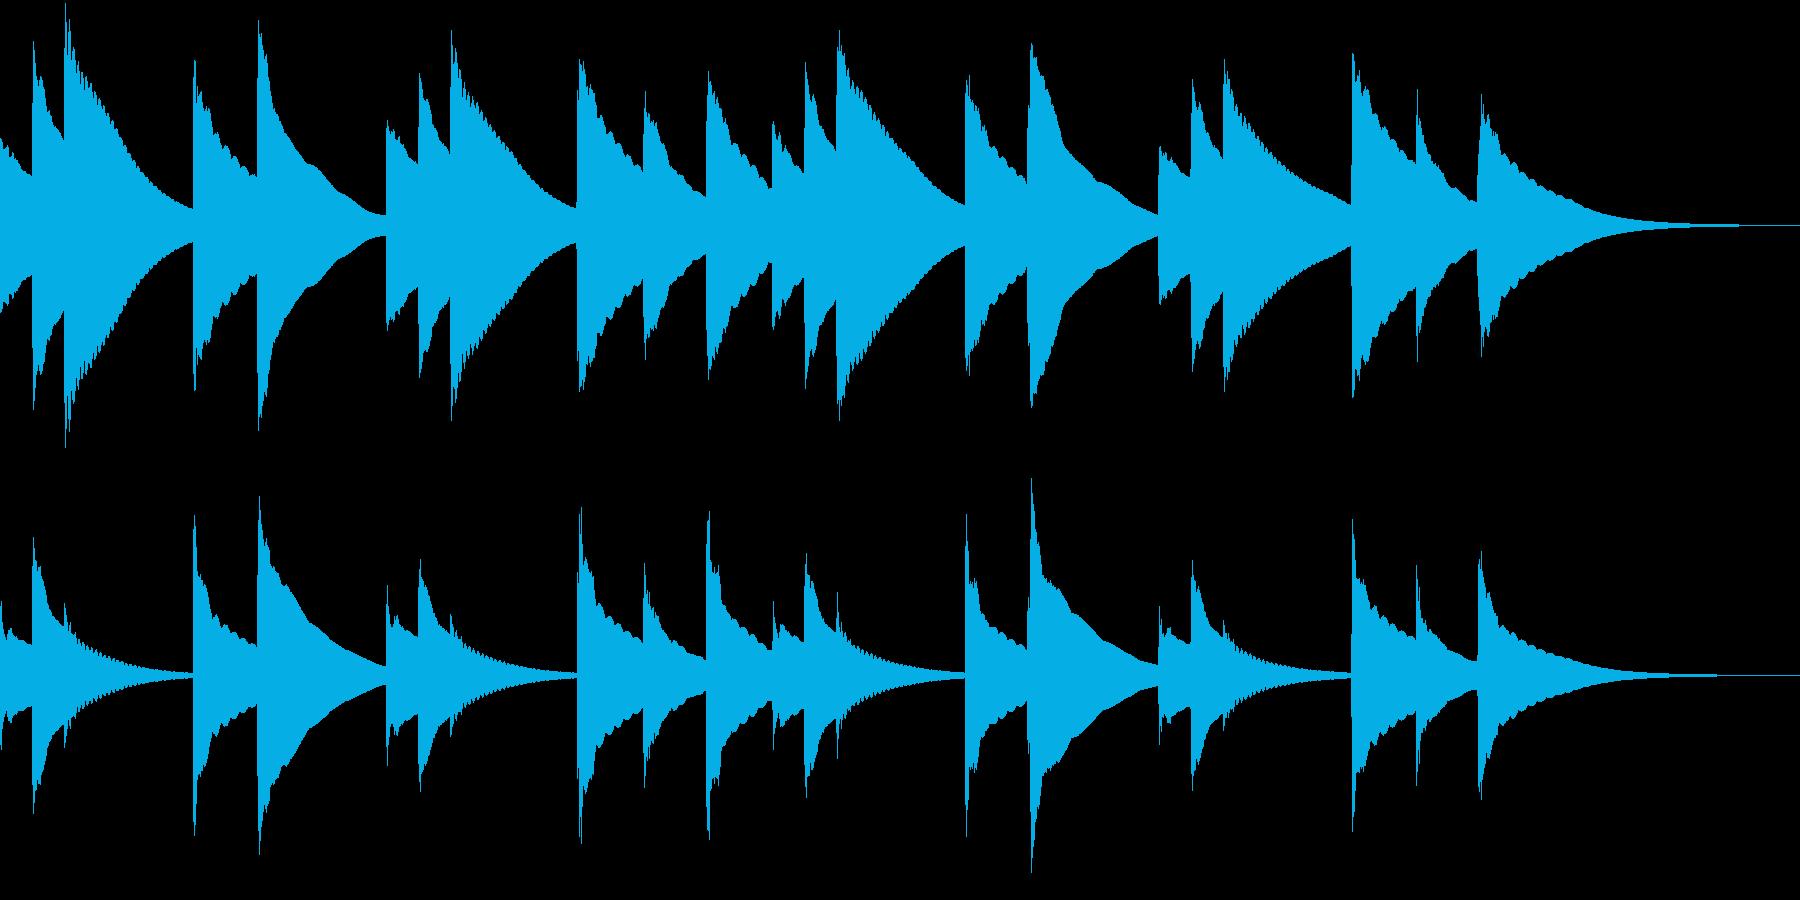 ゆったりとしたオルゴールの再生済みの波形